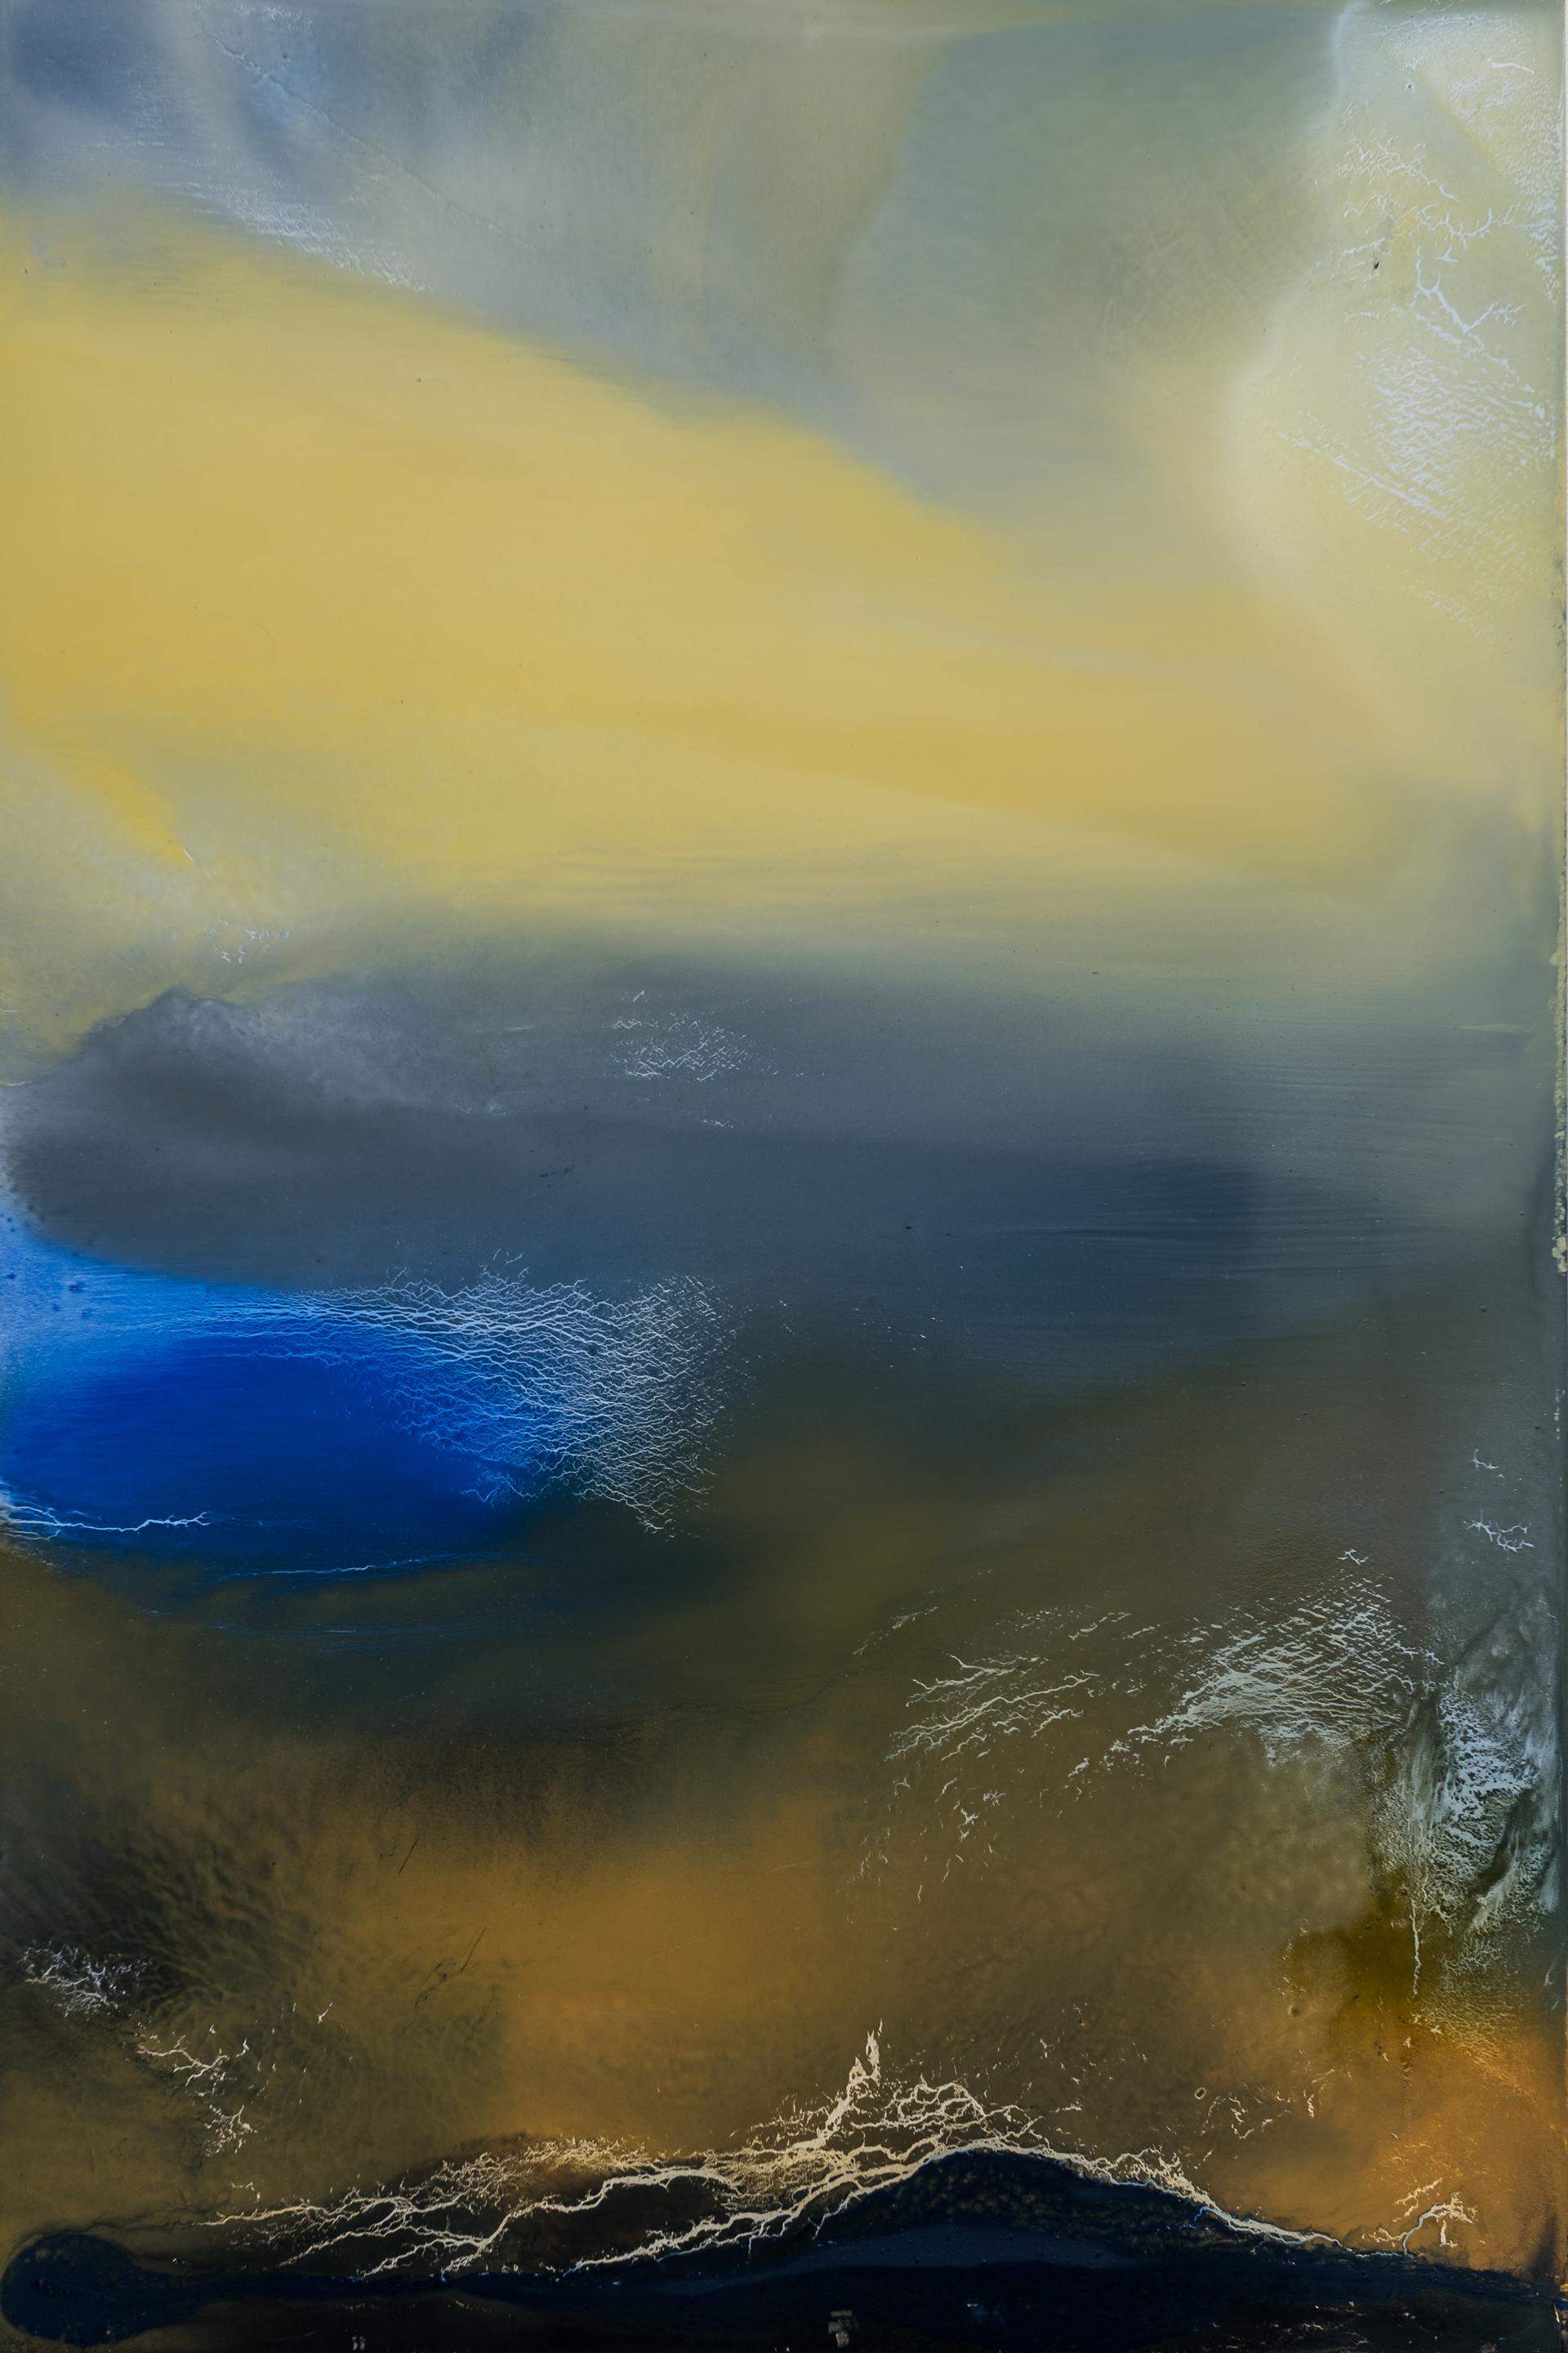 Early by Alla Goniodsky